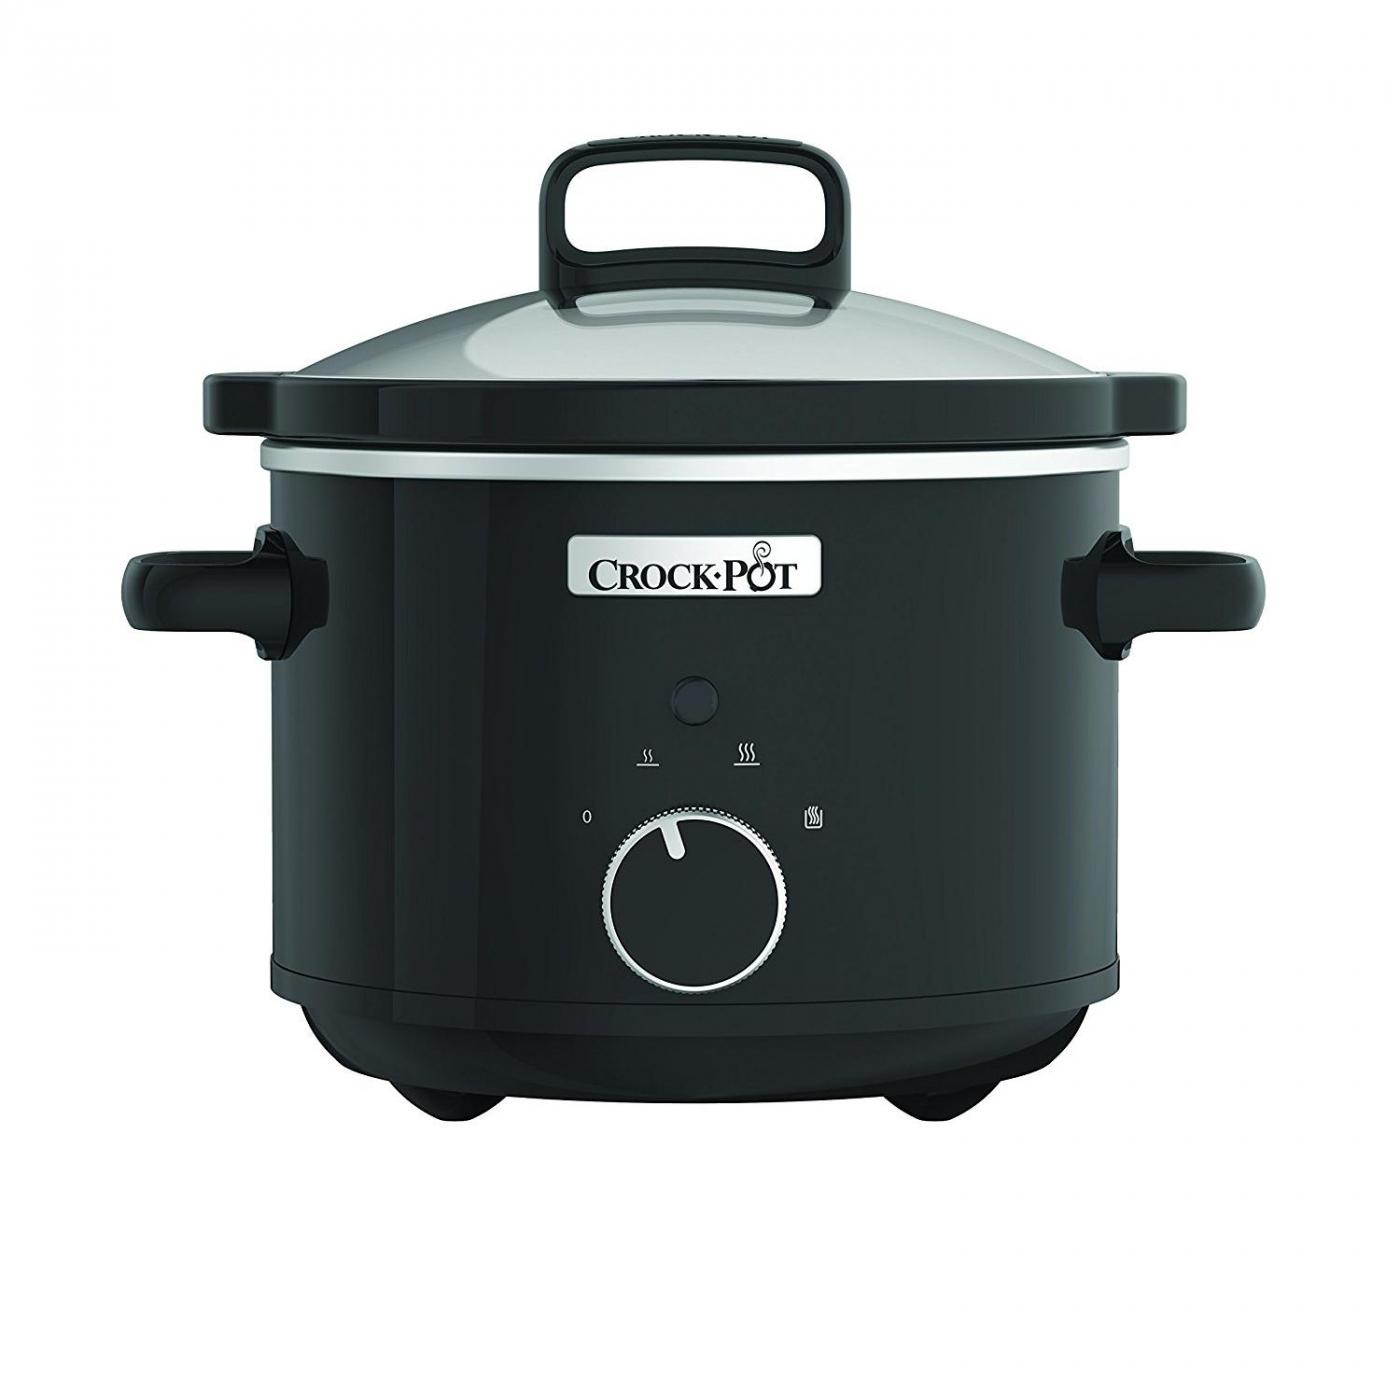 Crock-Pot 2.4L cocción lenta